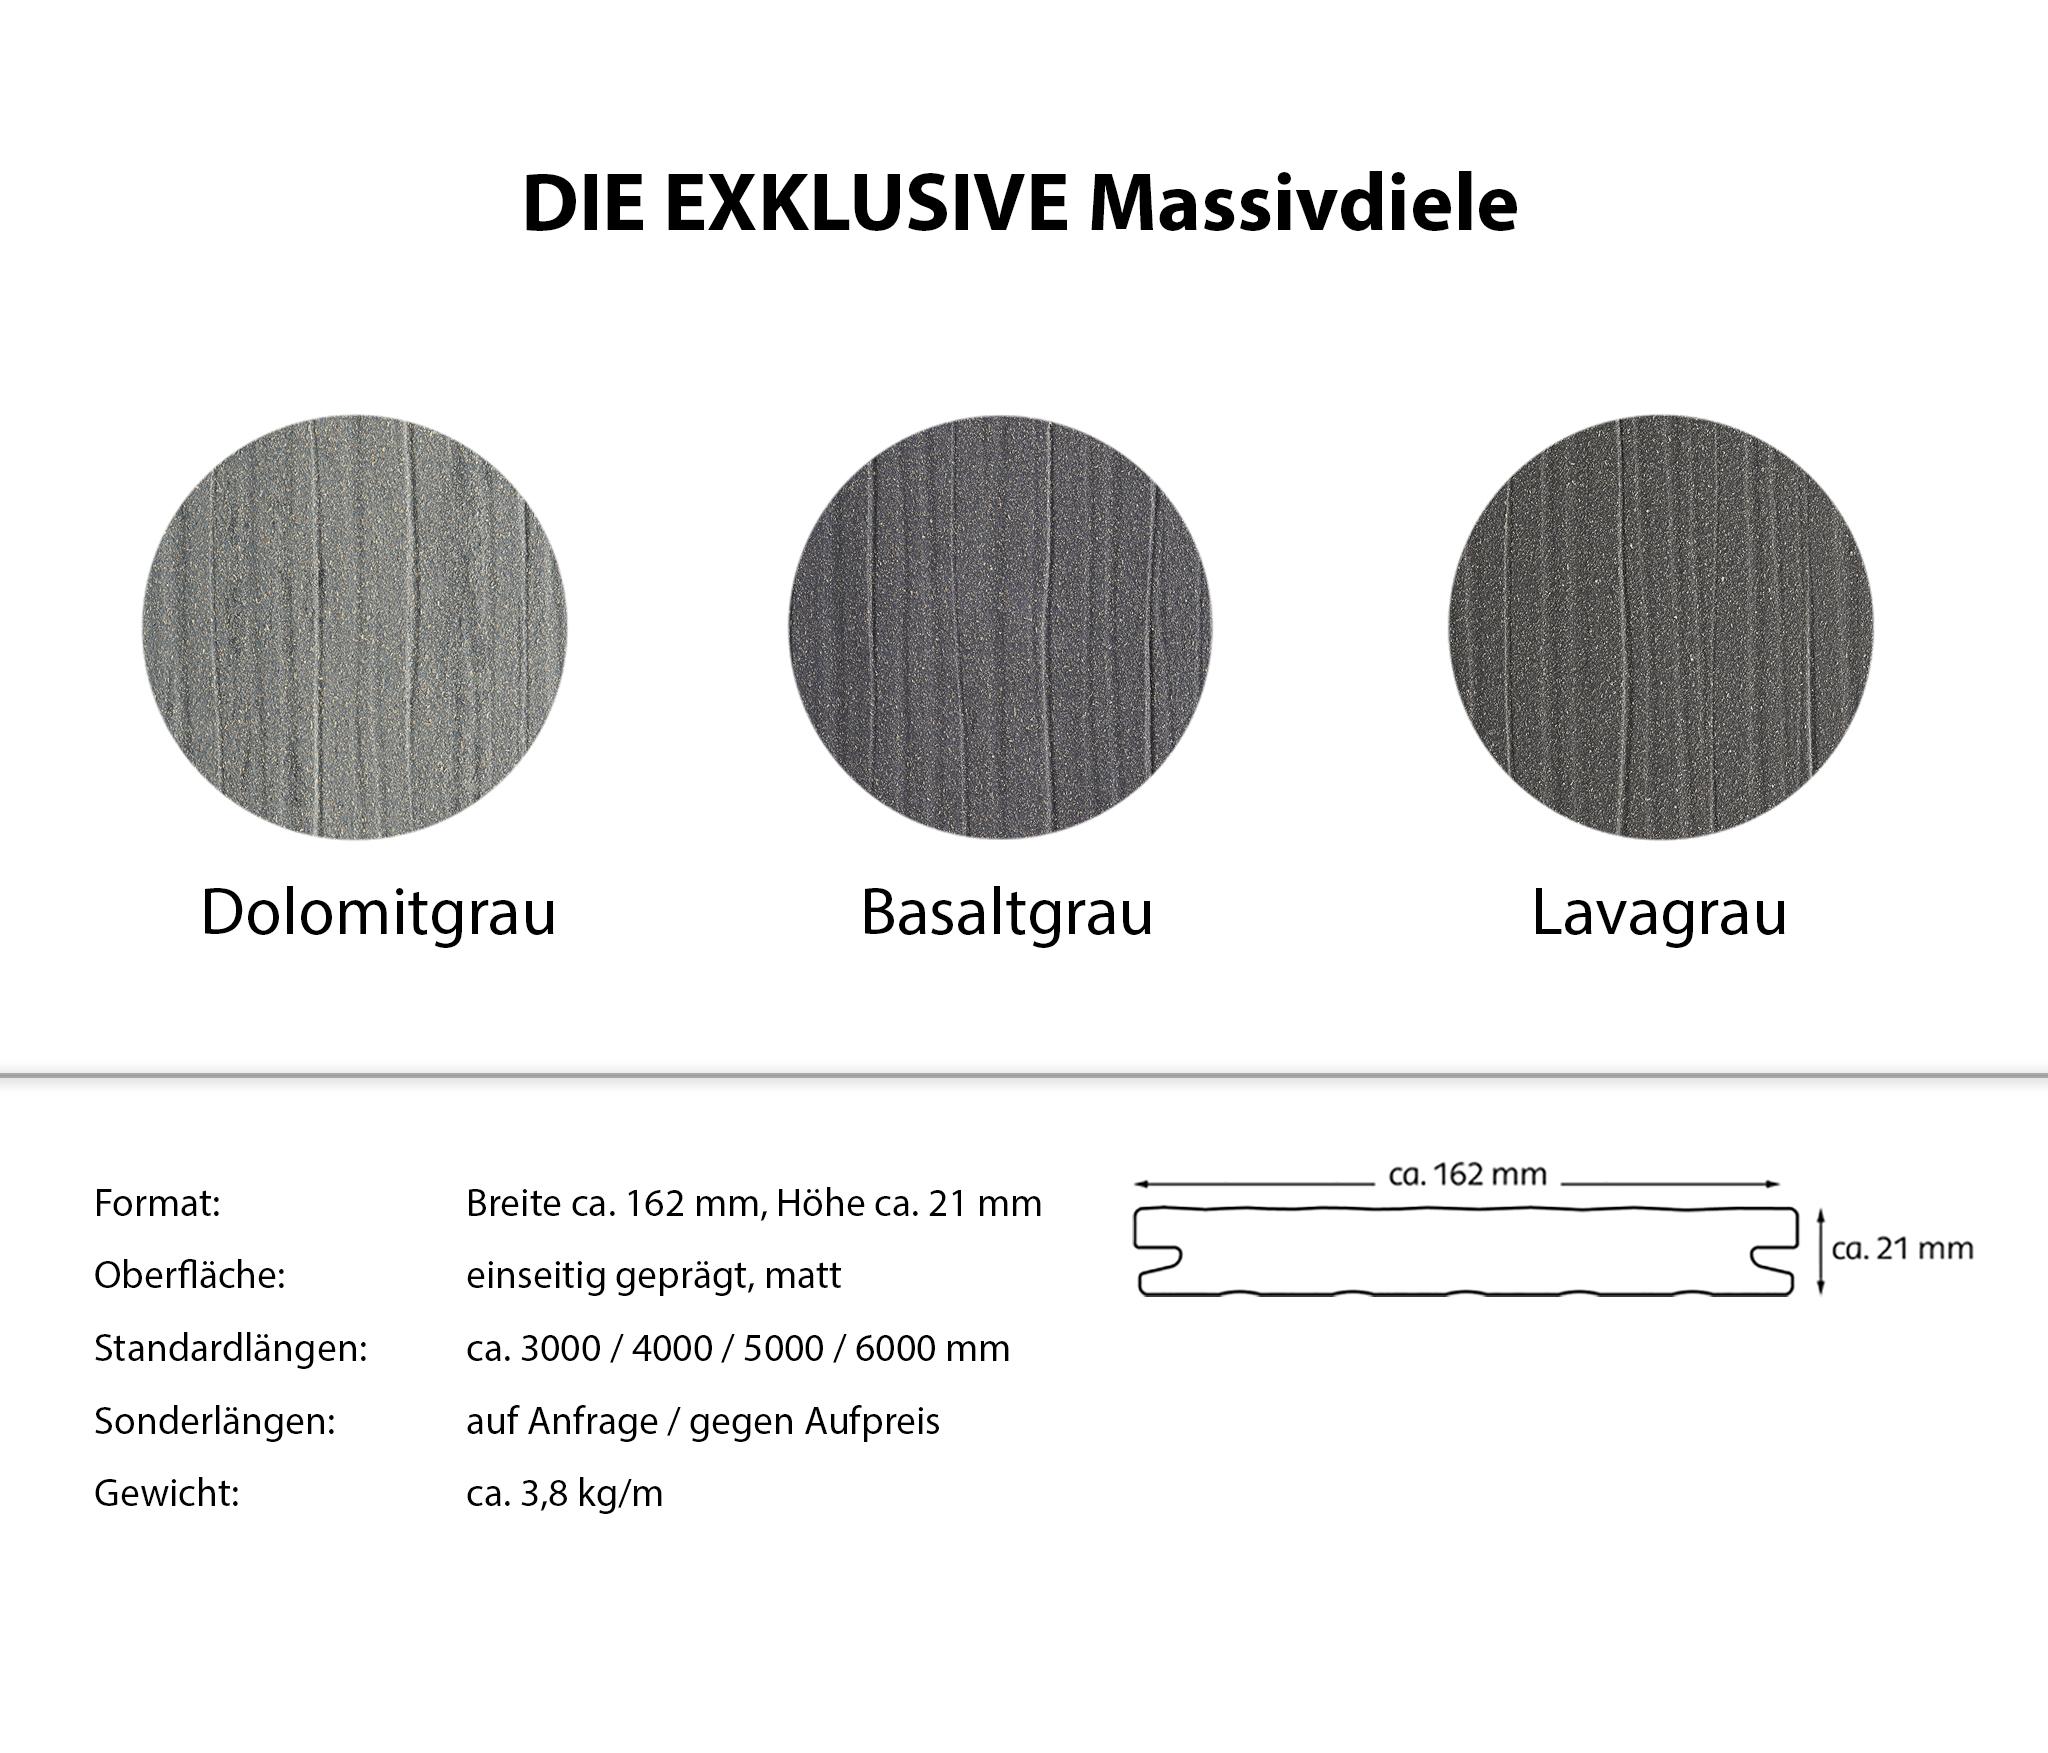 DIE EXKLUSIVE WPC Massivdiele Basaltgrau